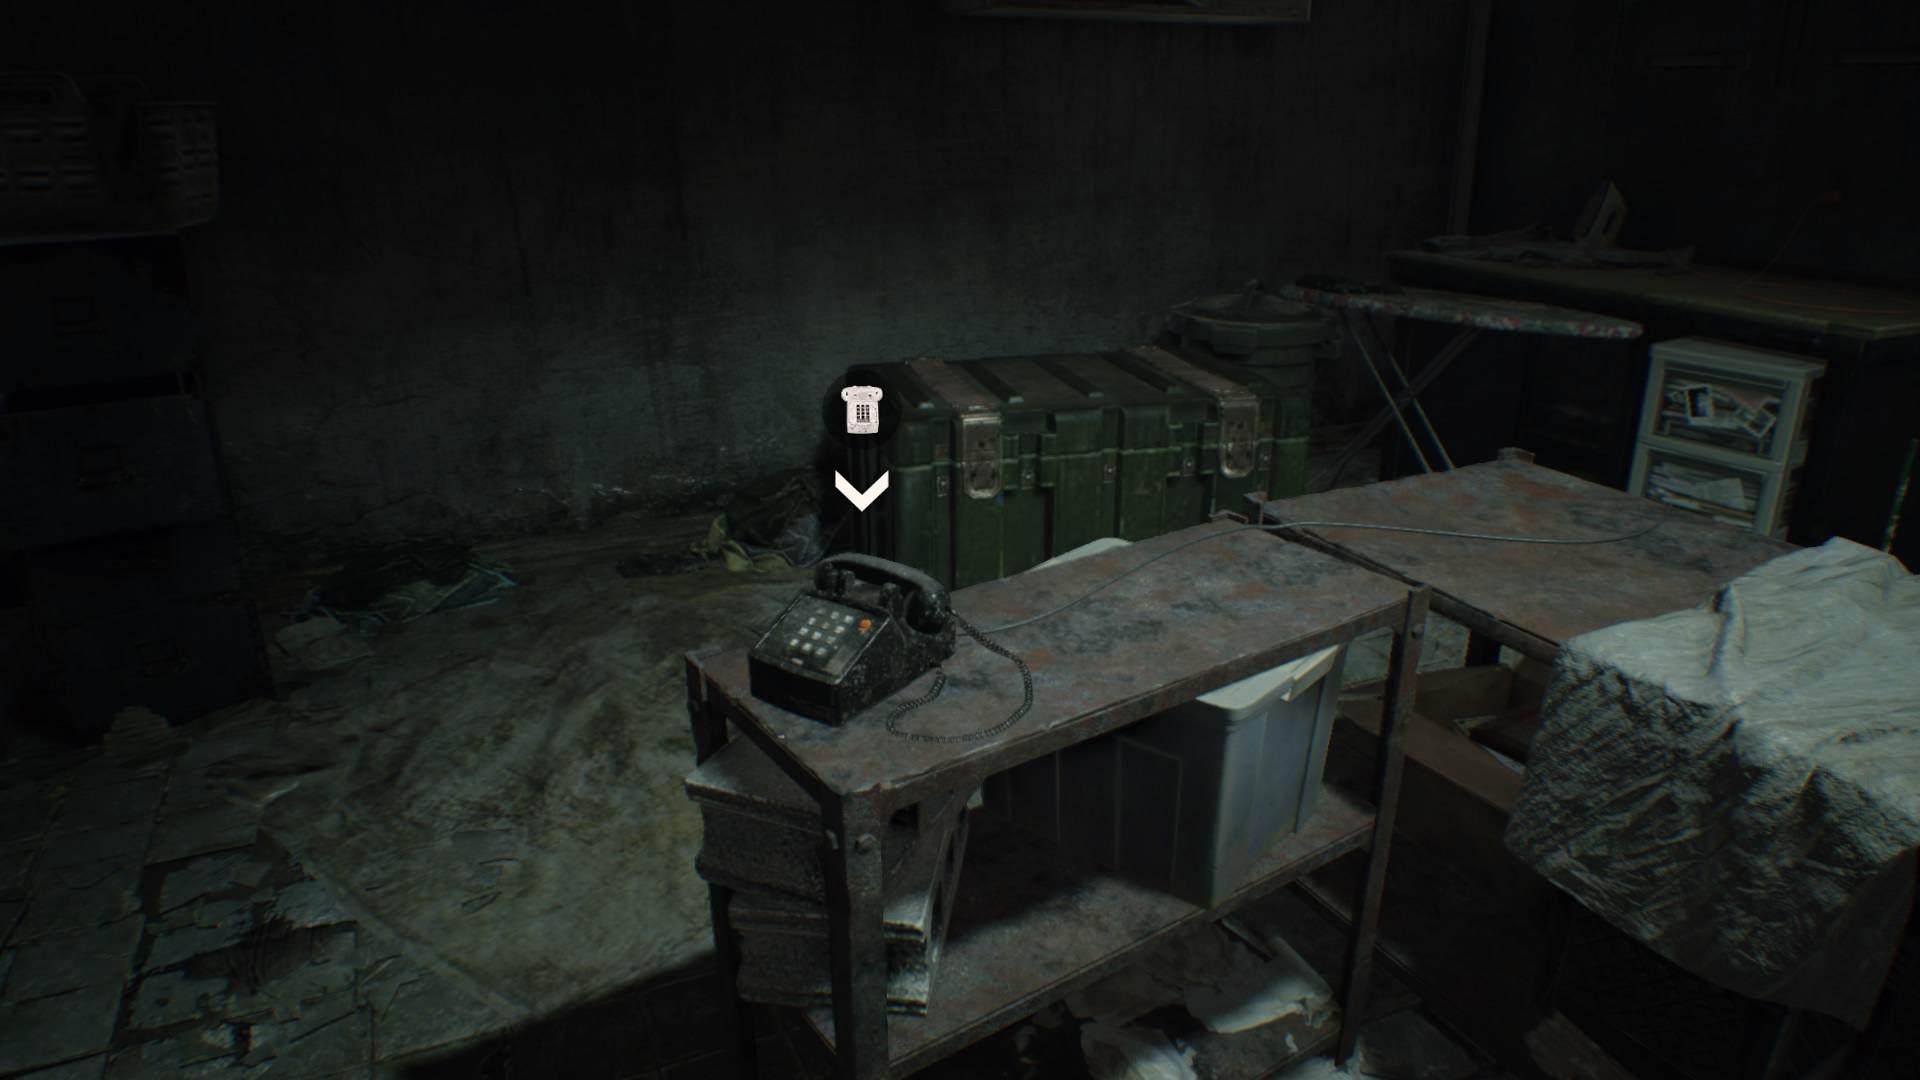 resident evil 7 demo guide